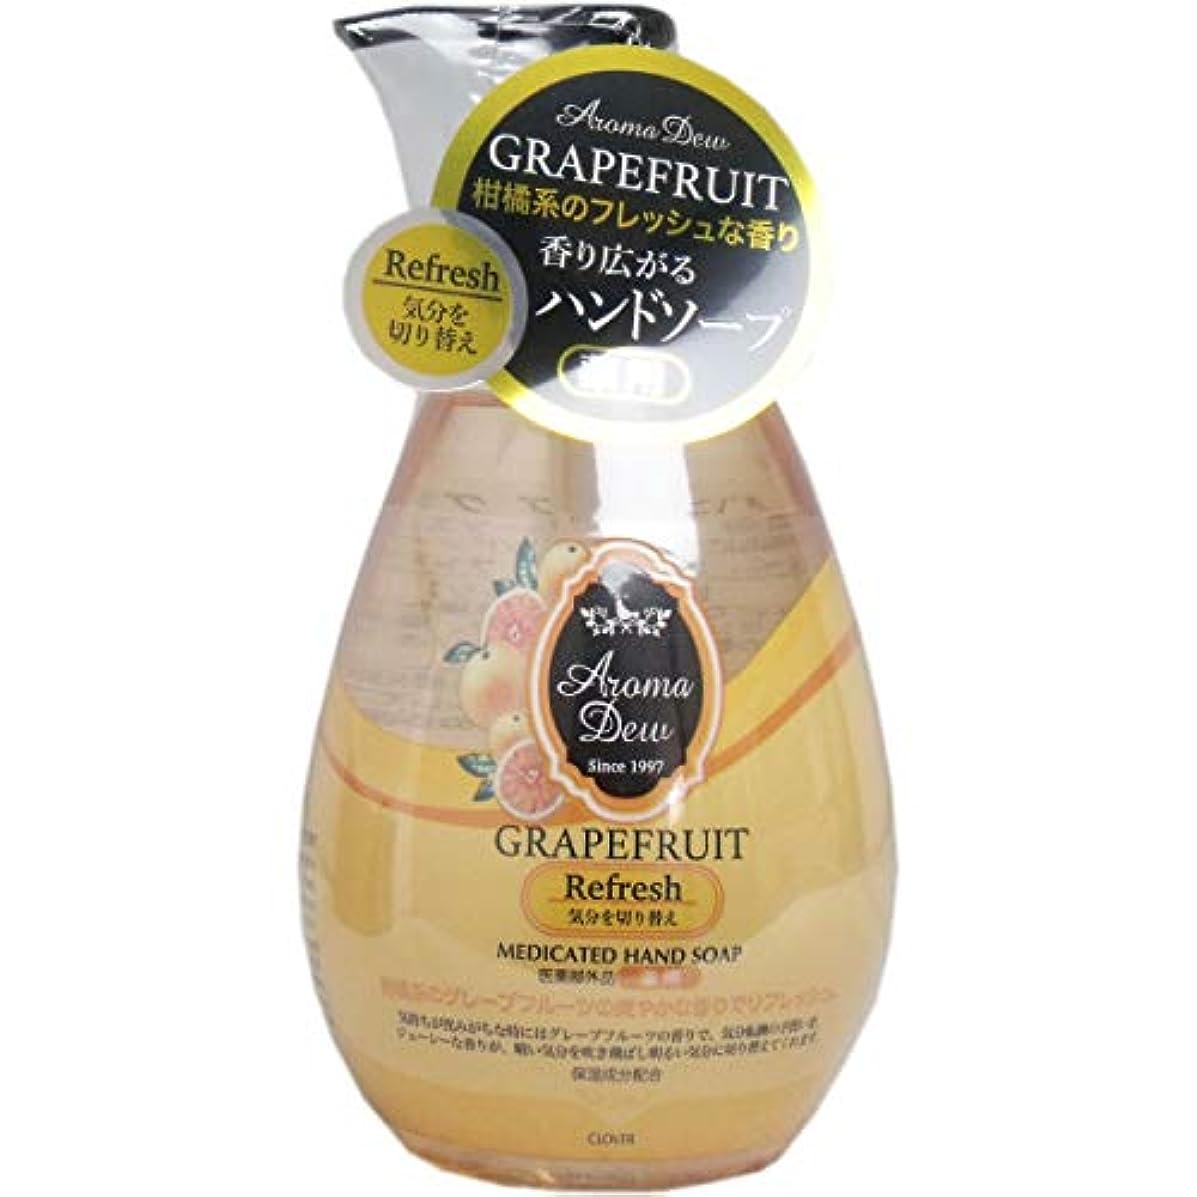 ランダム洞窟独立して薬用アロマデュウ ハンドソープ グレープフルーツの香り 260mL(単品1個)